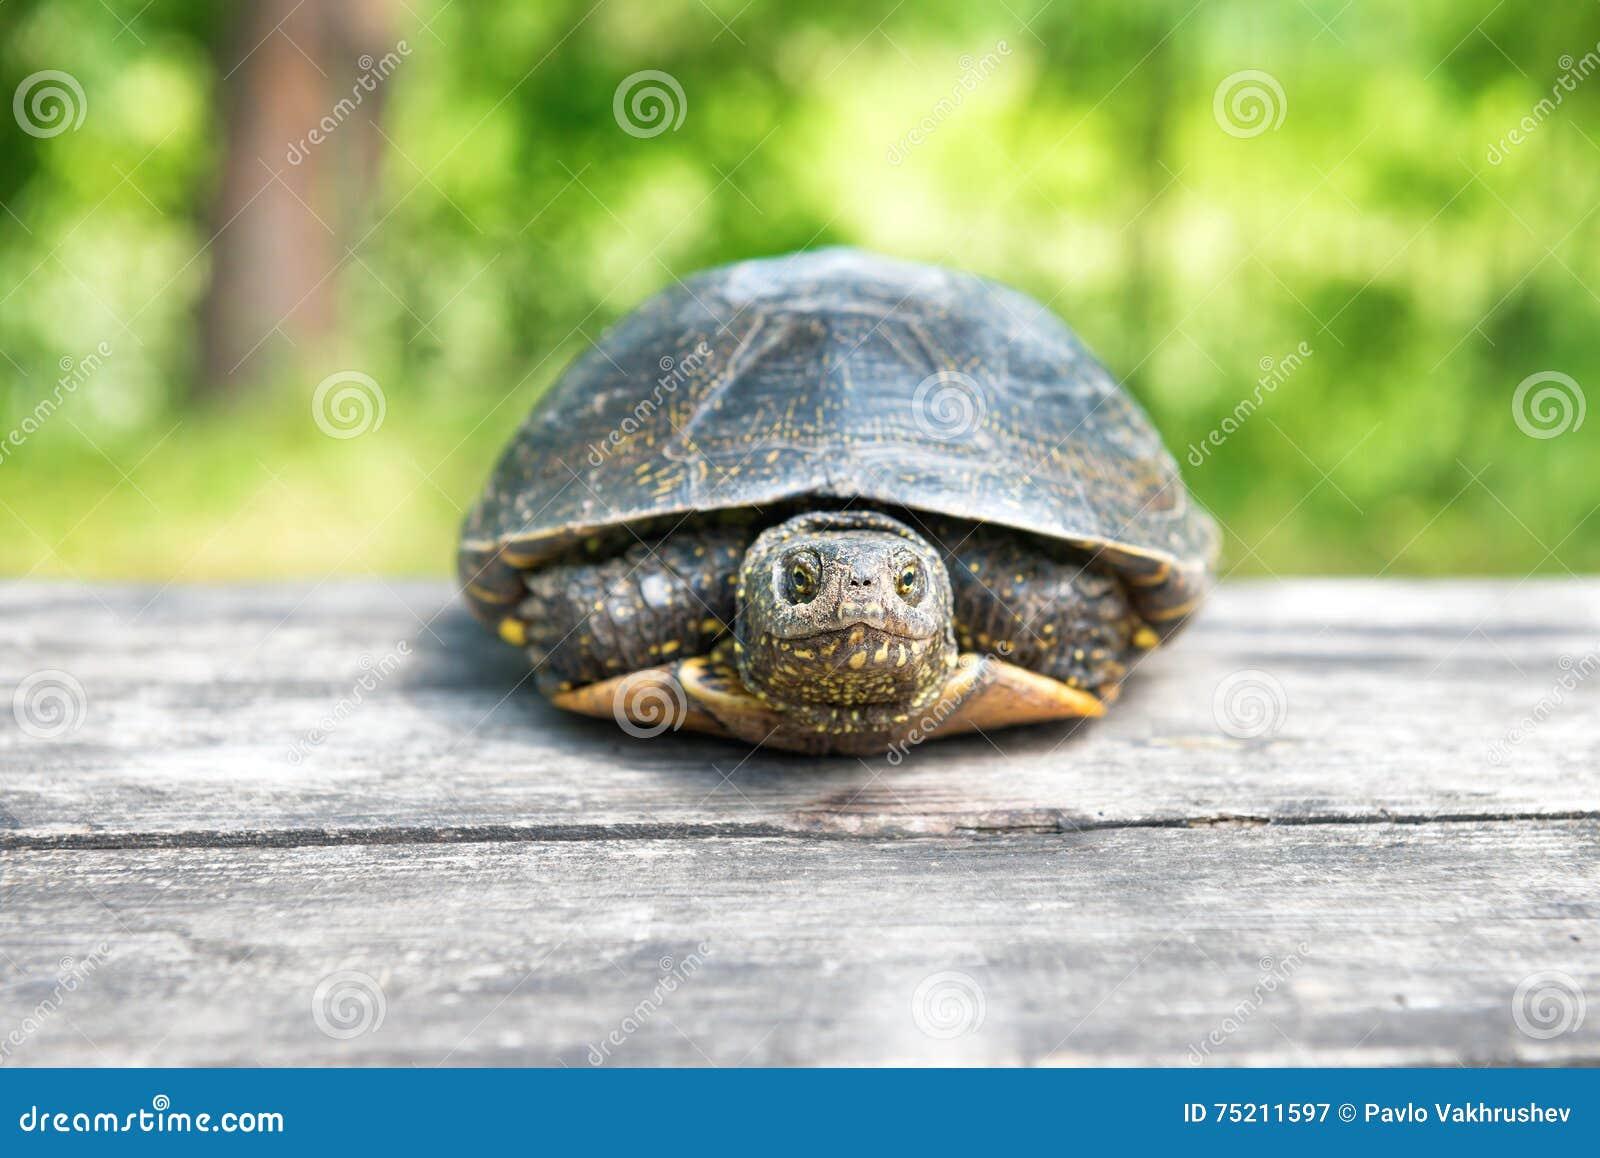 Grande tortue sur le vieux bureau en bois image stock image du